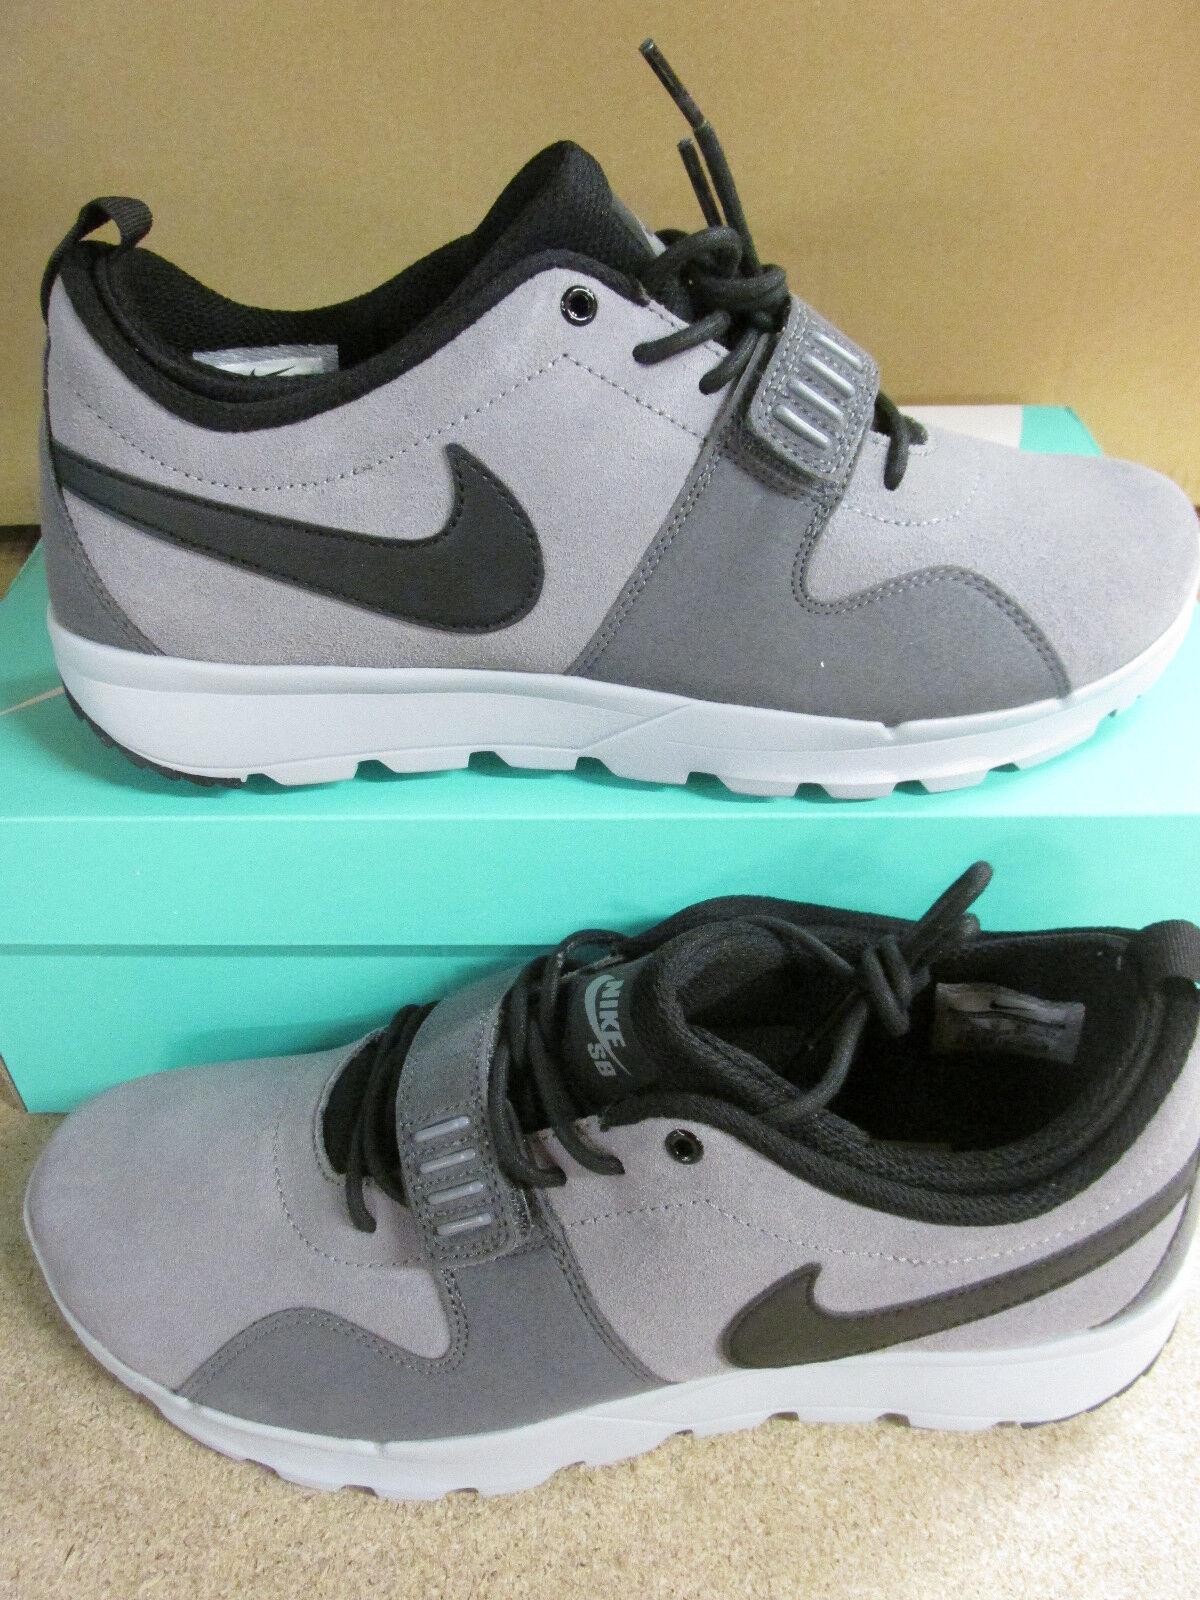 Nike SB TRAINERENDOR Zapatillas para 806309 hombre Zapatos  Tenis 806309 para 001 1b36f8